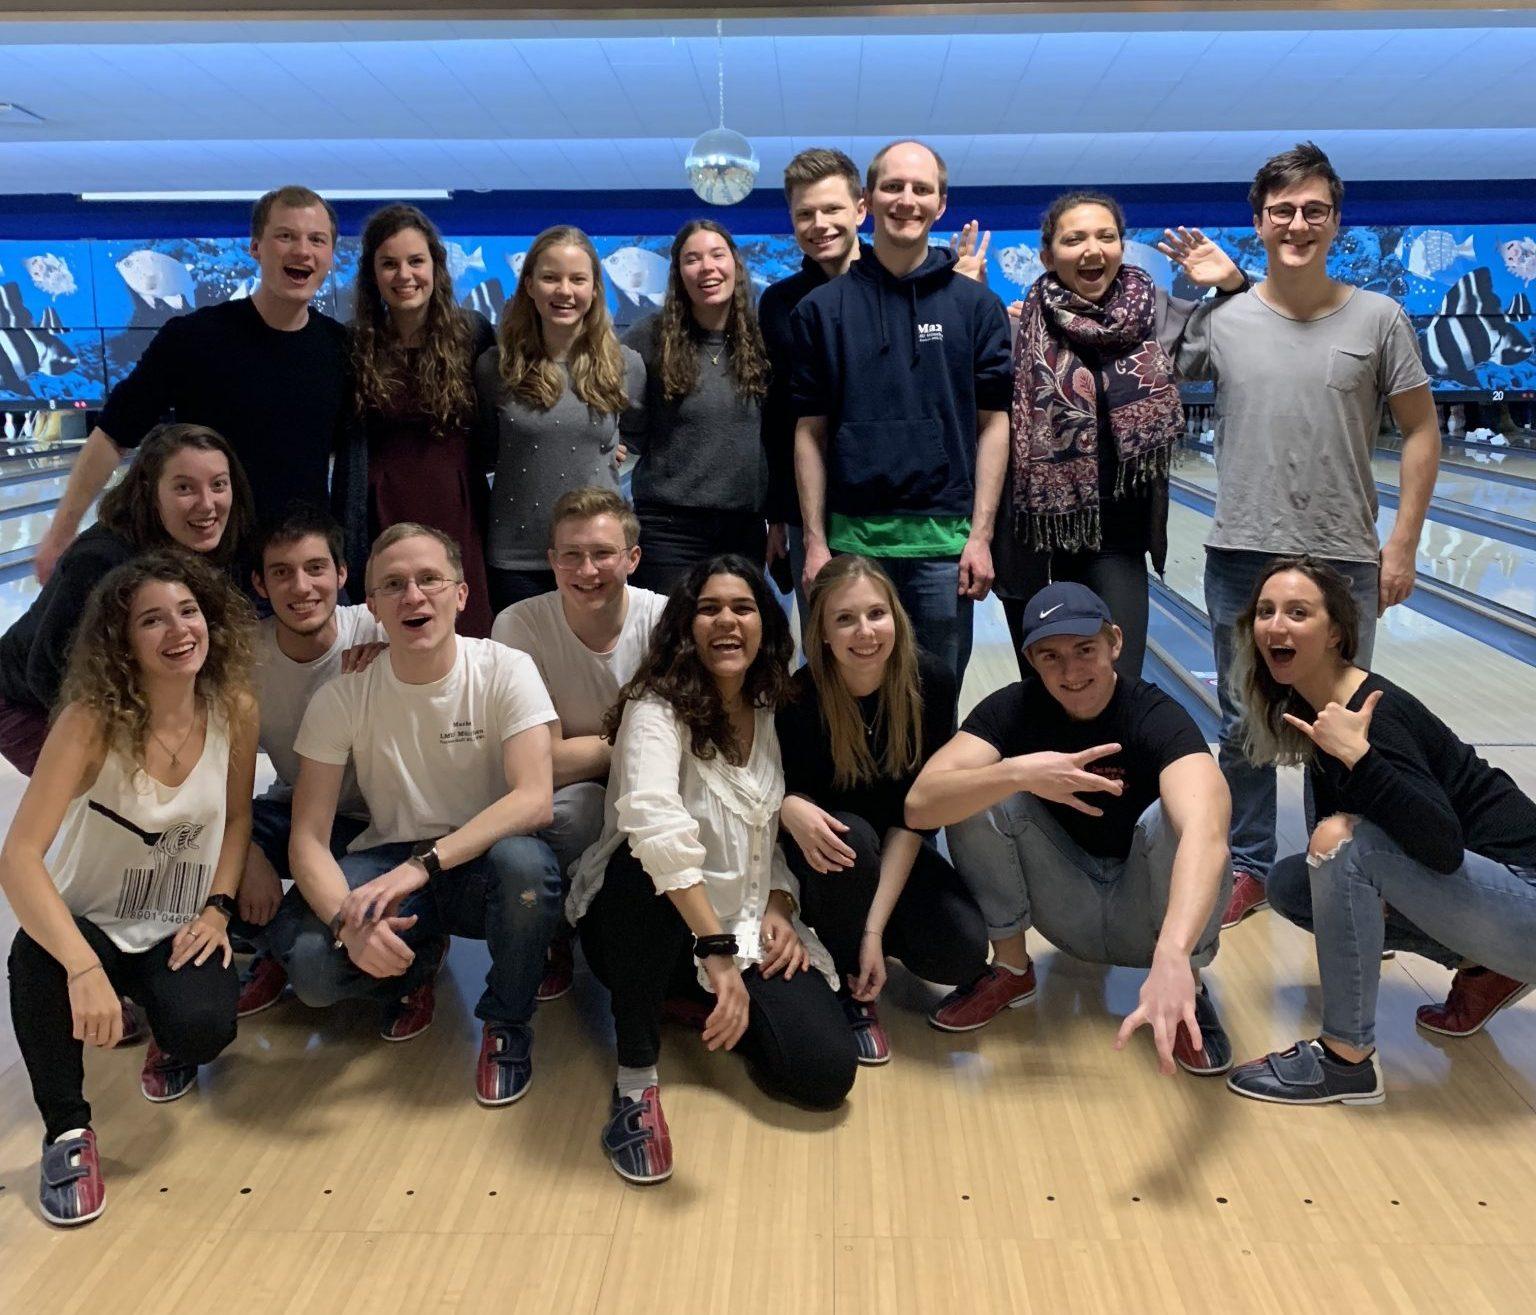 Gruppenfoto auf einer Bowlingbahn